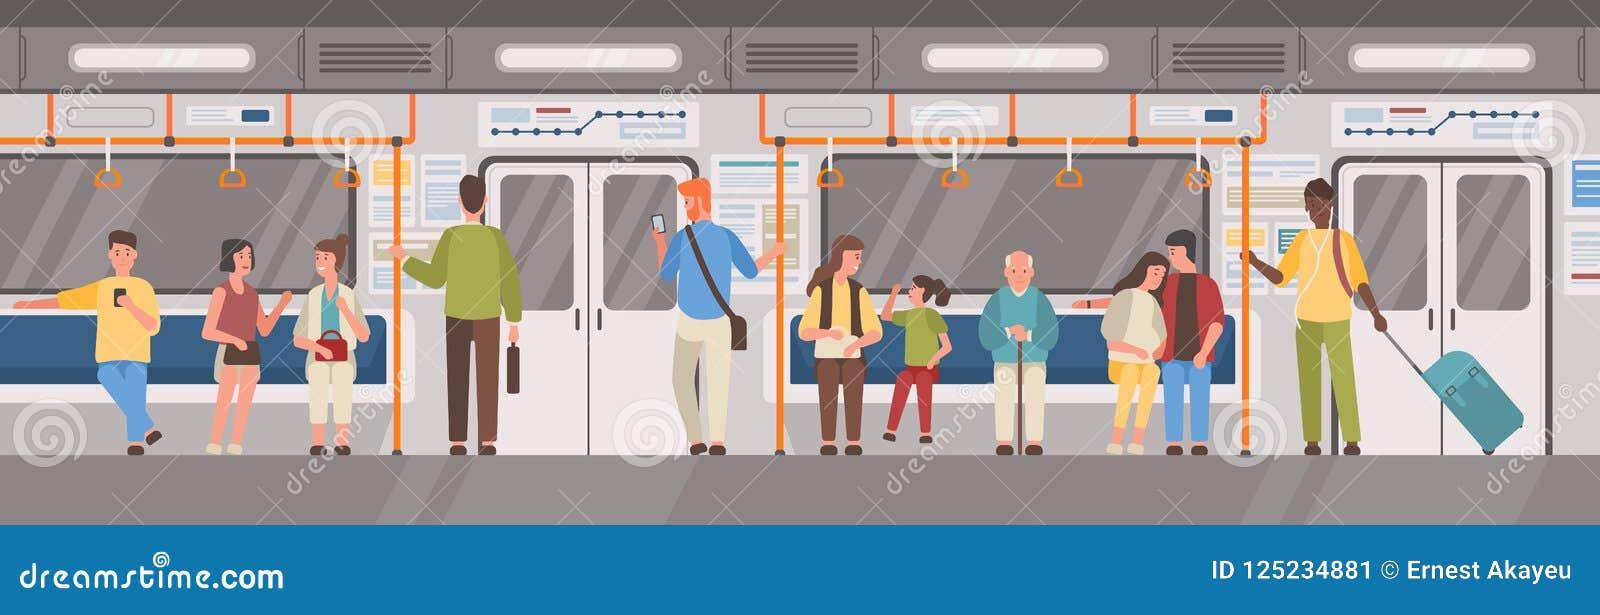 Mensen of stadbewoners in metro, metro, buis of ondergrondse treinauto Mannen en vrouwen in openbaar vervoer Mannetje en